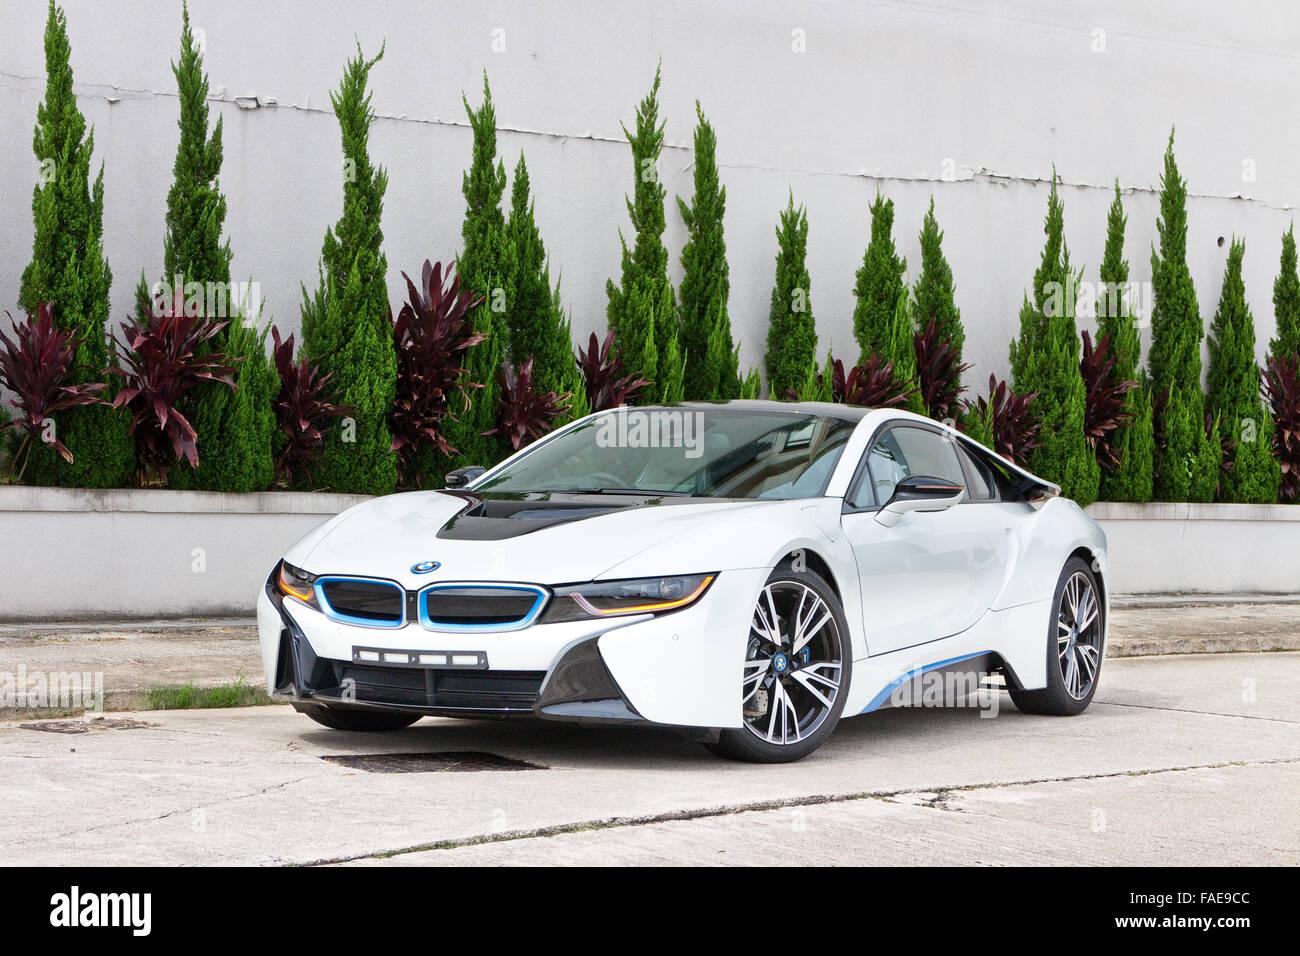 Hong Kong, China Nov 12, 2014 : BMW i8 2014 test drive on Nov 12 2014 in Hong Kong. - Stock Image